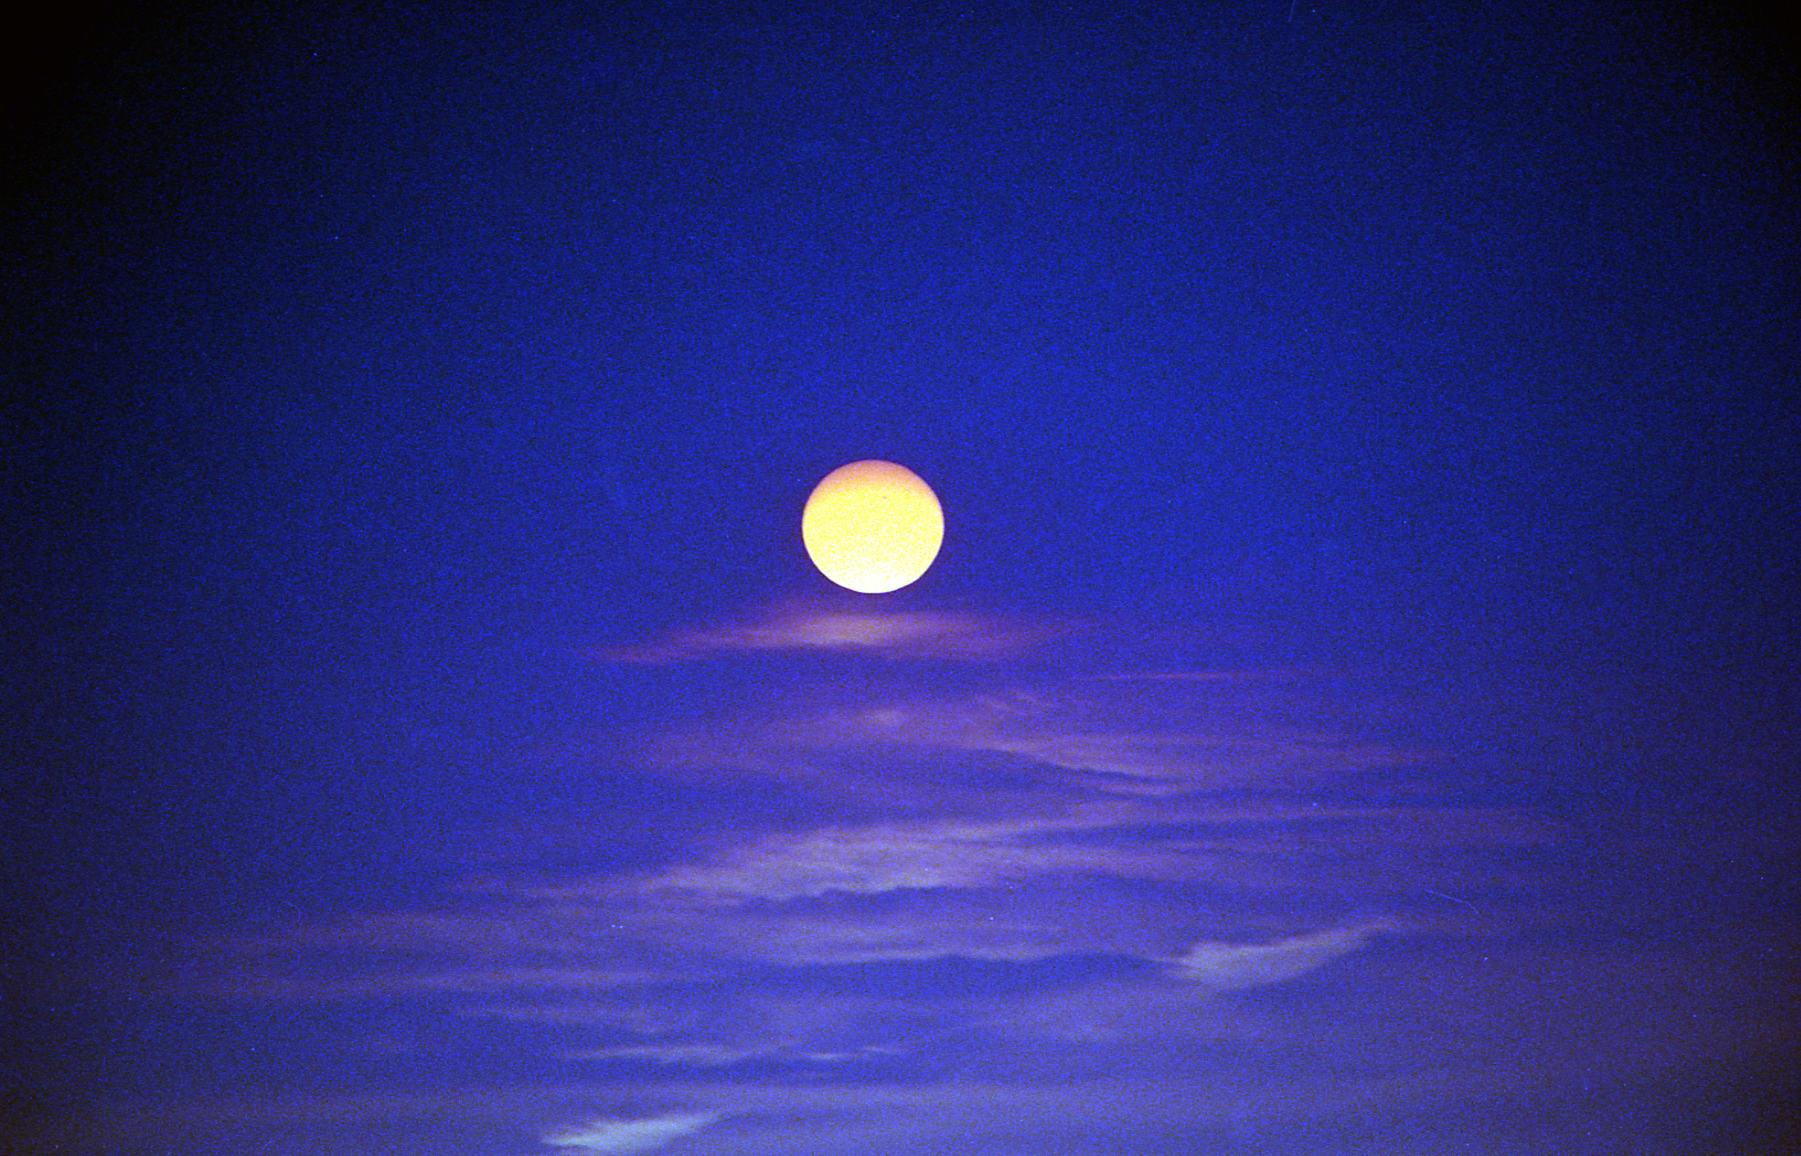 Moon in purple sky